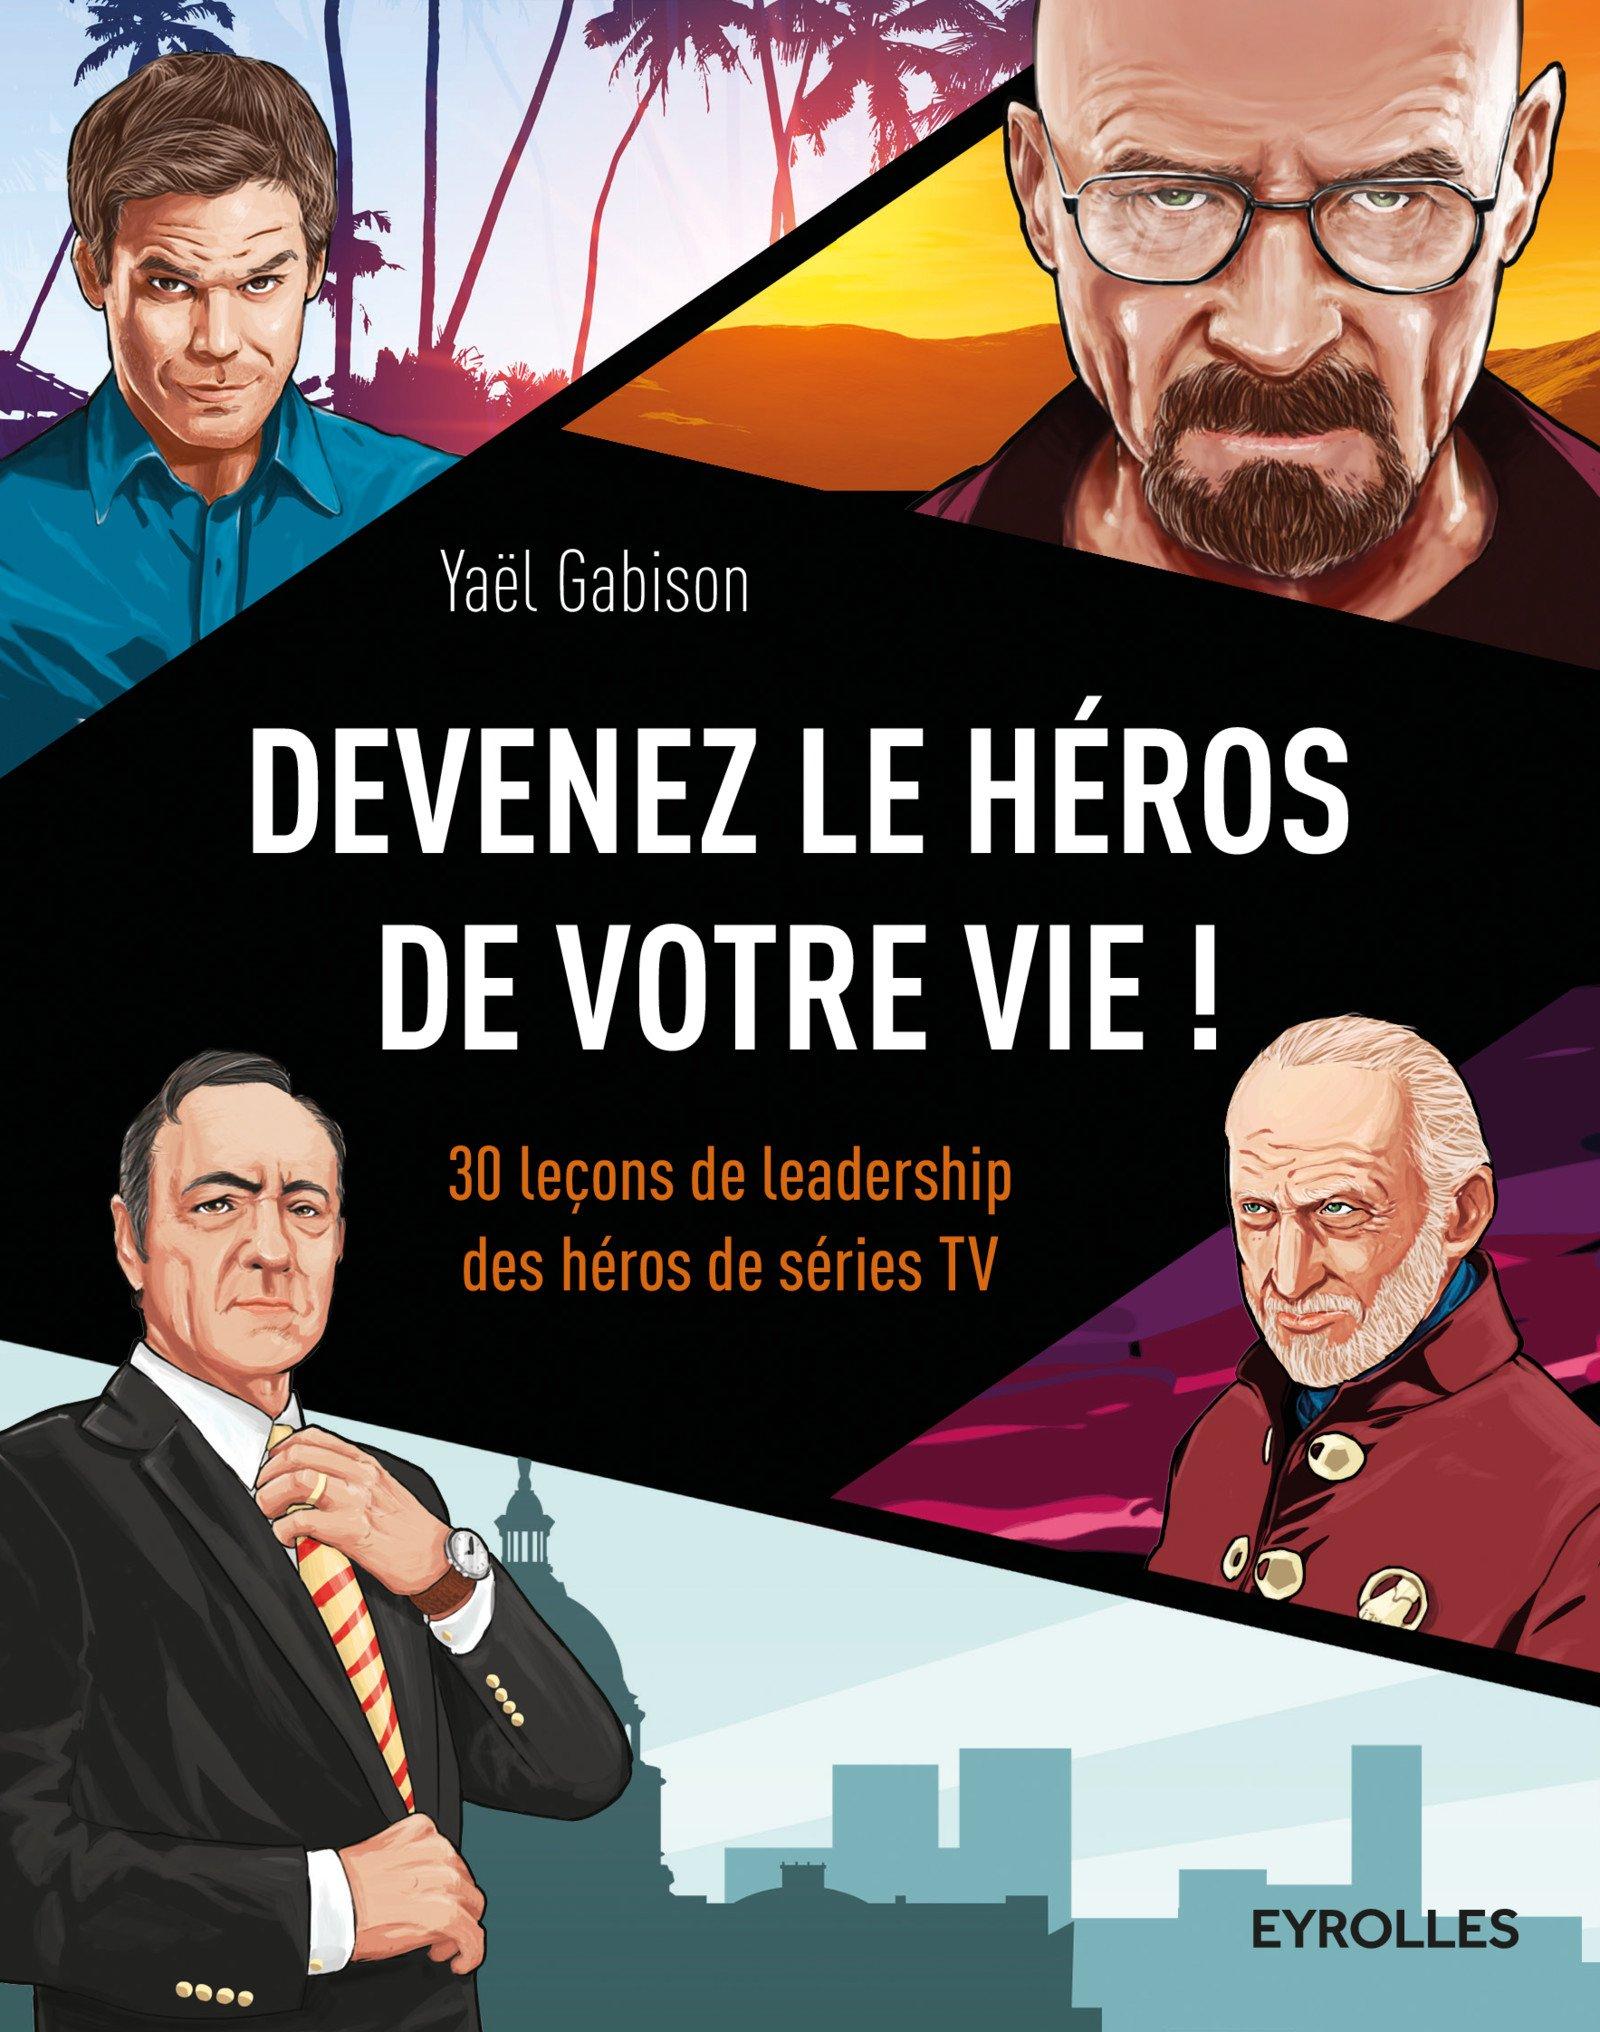 Devenez le héros de votre vie ! - 30 leçons de leadership des héros de séries TV